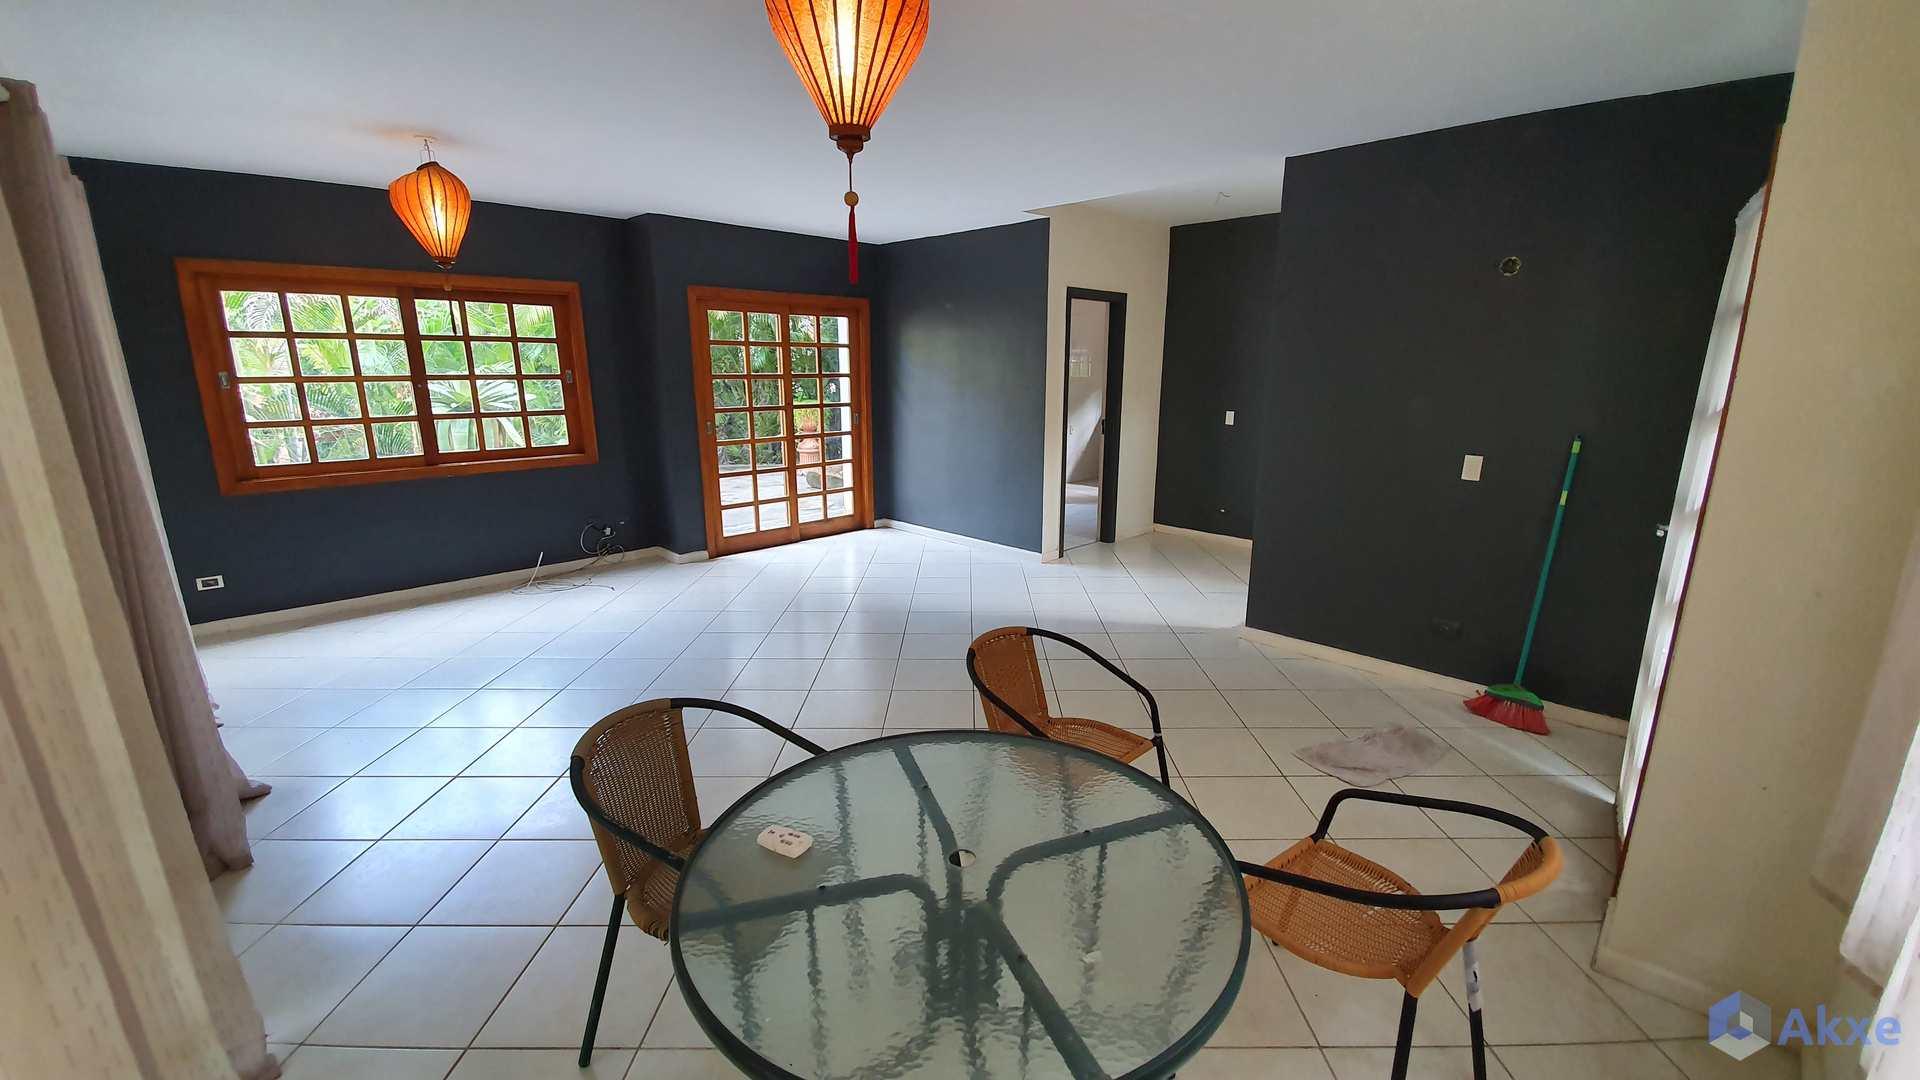 Casa com 4 quartos, Vargem Pequena, Rio de Janeiro R$ 1 mi